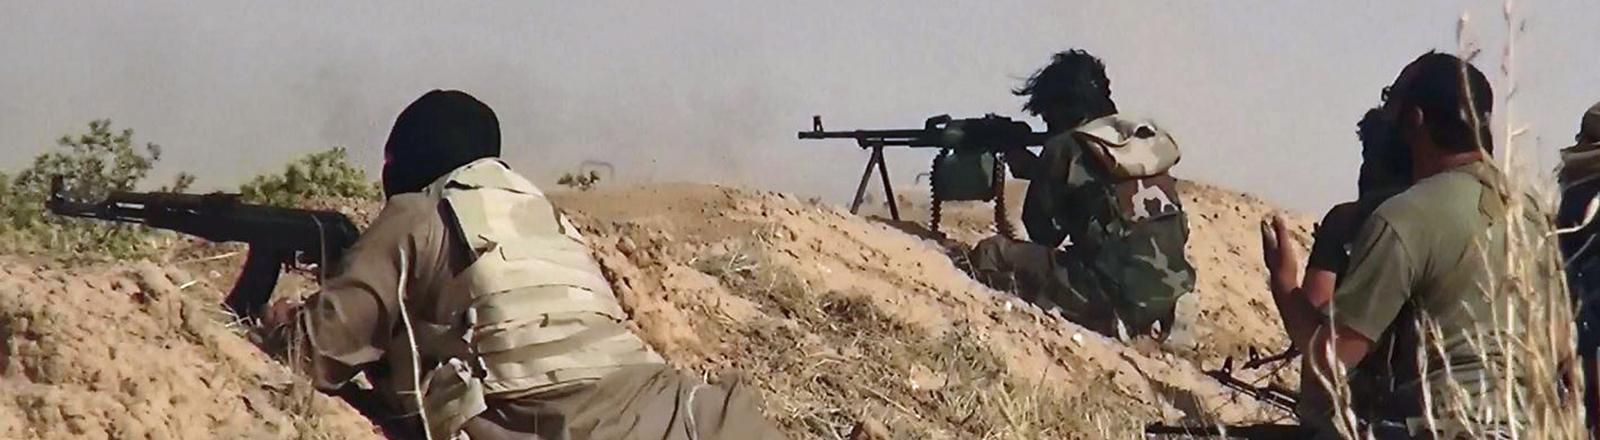 Dieses Bild aus dem Twitter-Account der islimistischen Albaraka News zeigt angeblich Isis-Kämpfer im Irak.